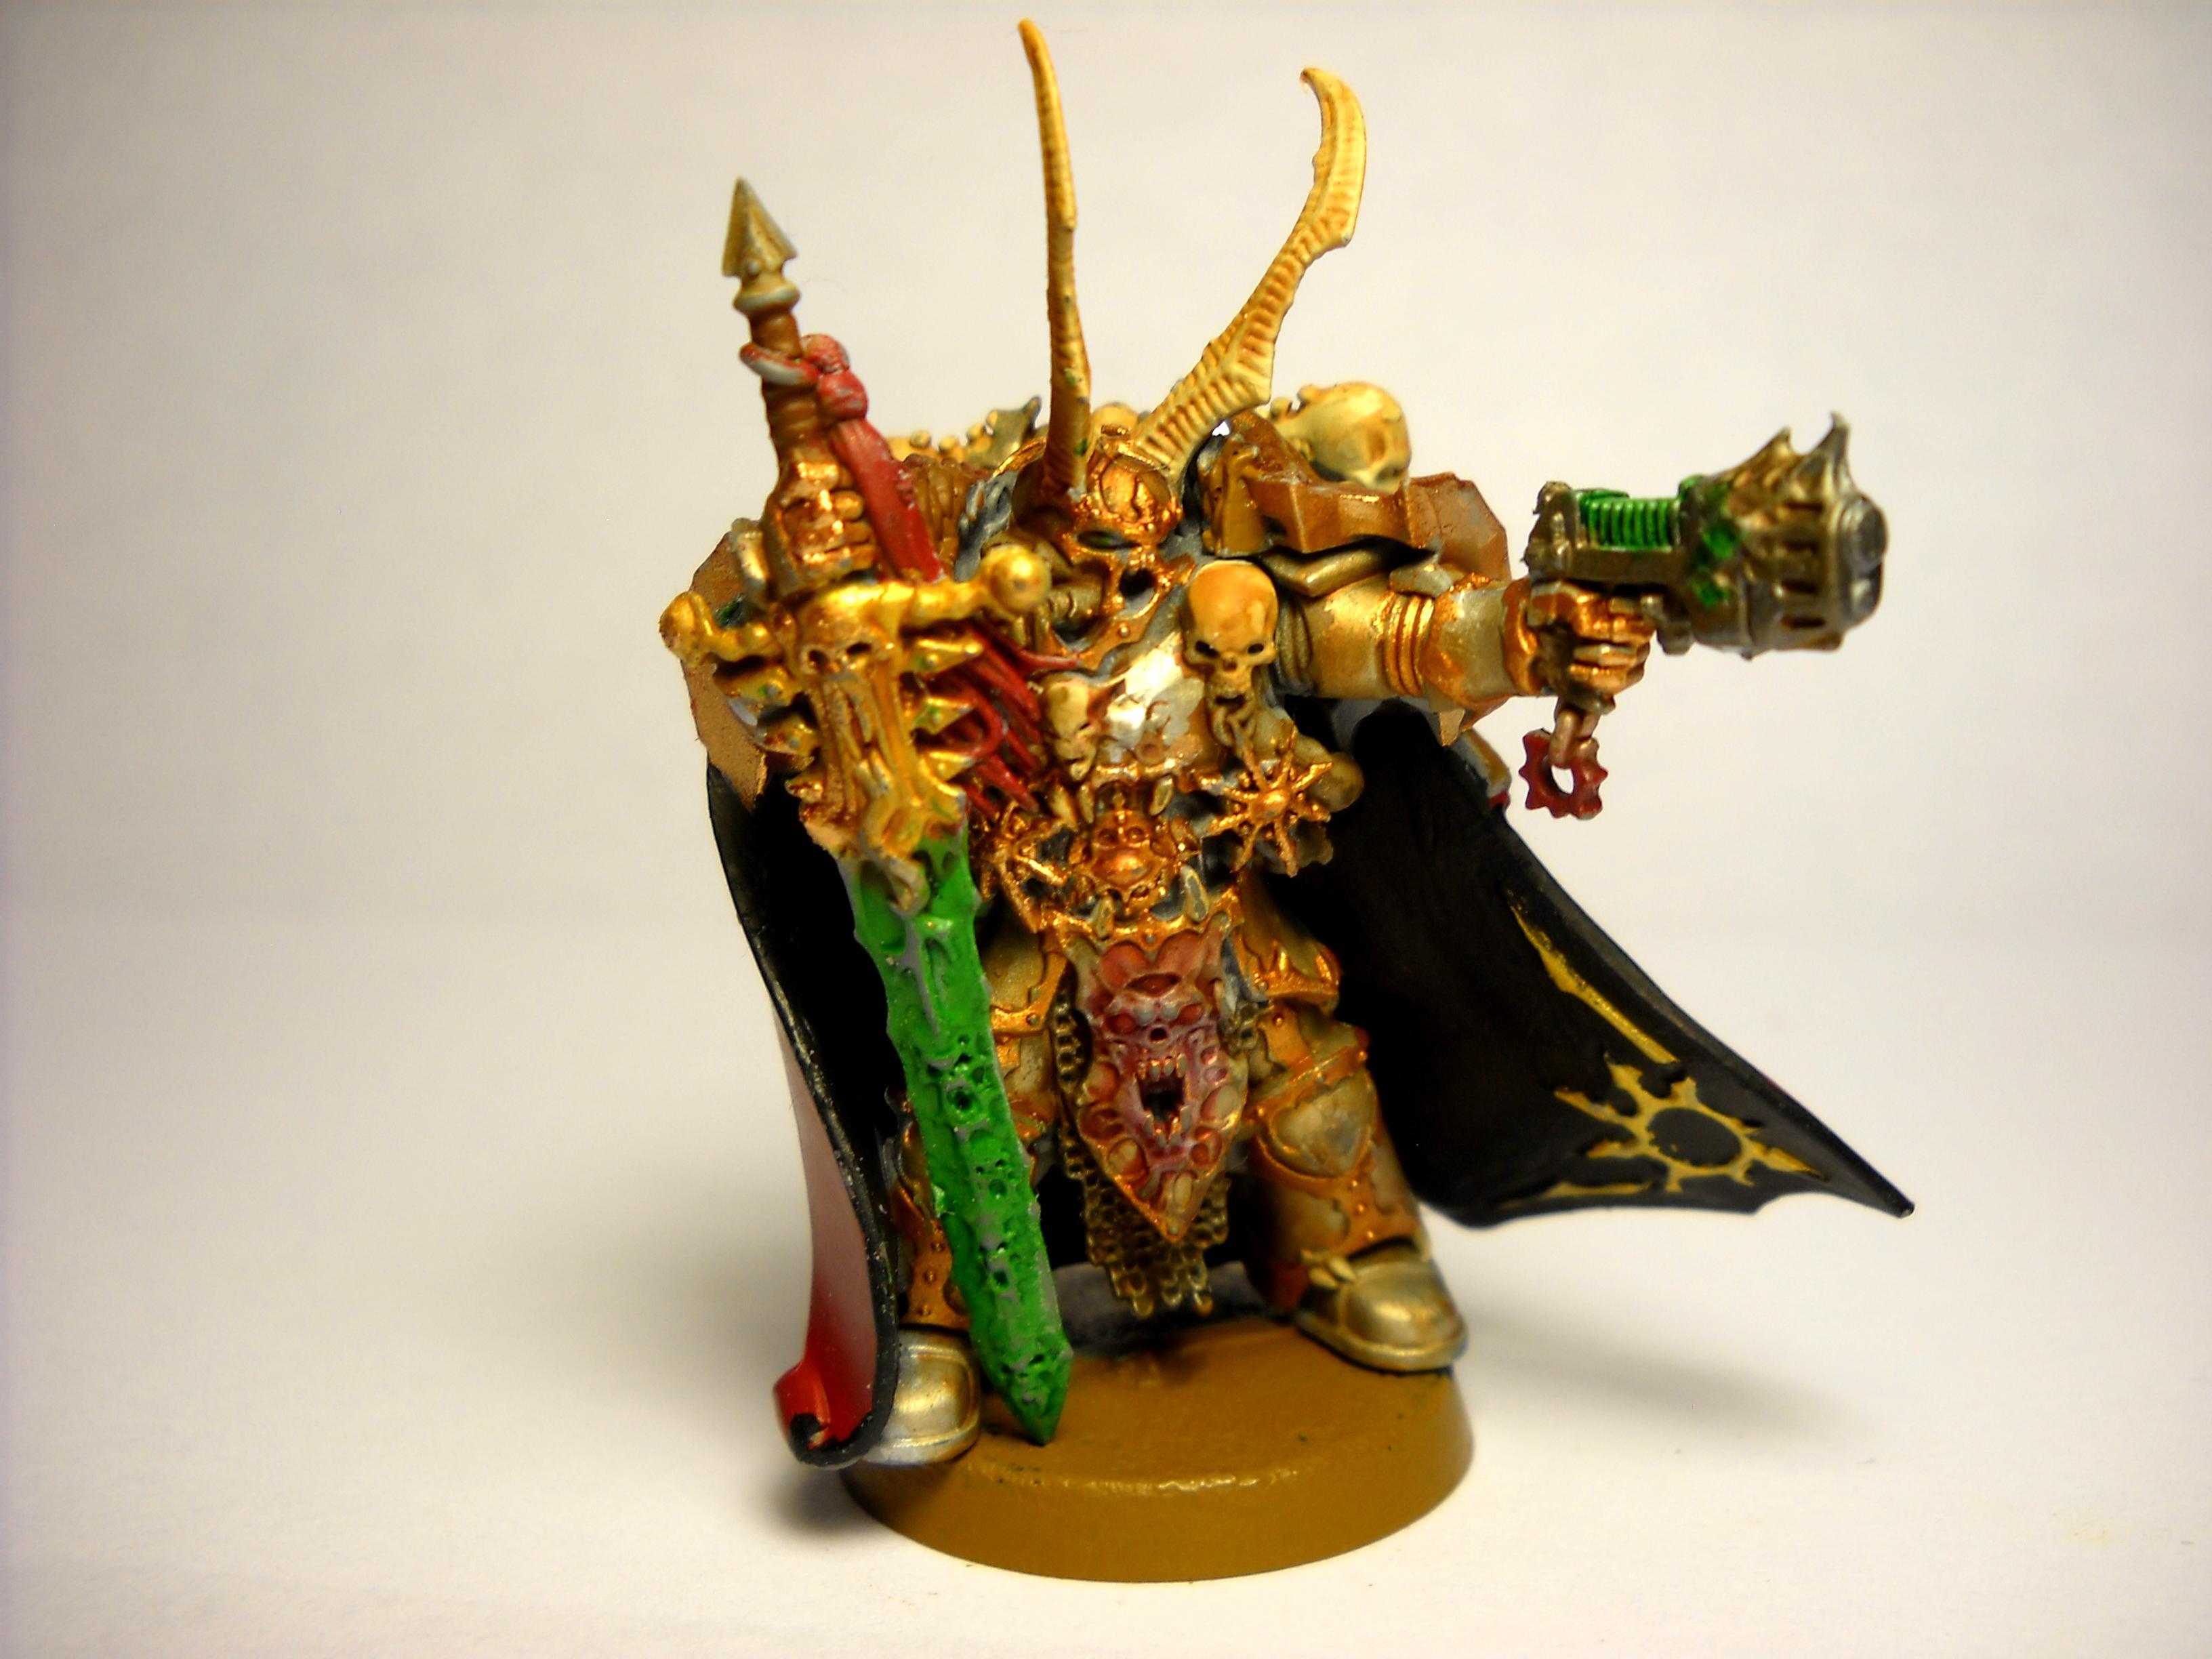 Dark Vengeance, Kranon The Relentless, Kranon The Relentless Chaos Marine Lord Sword